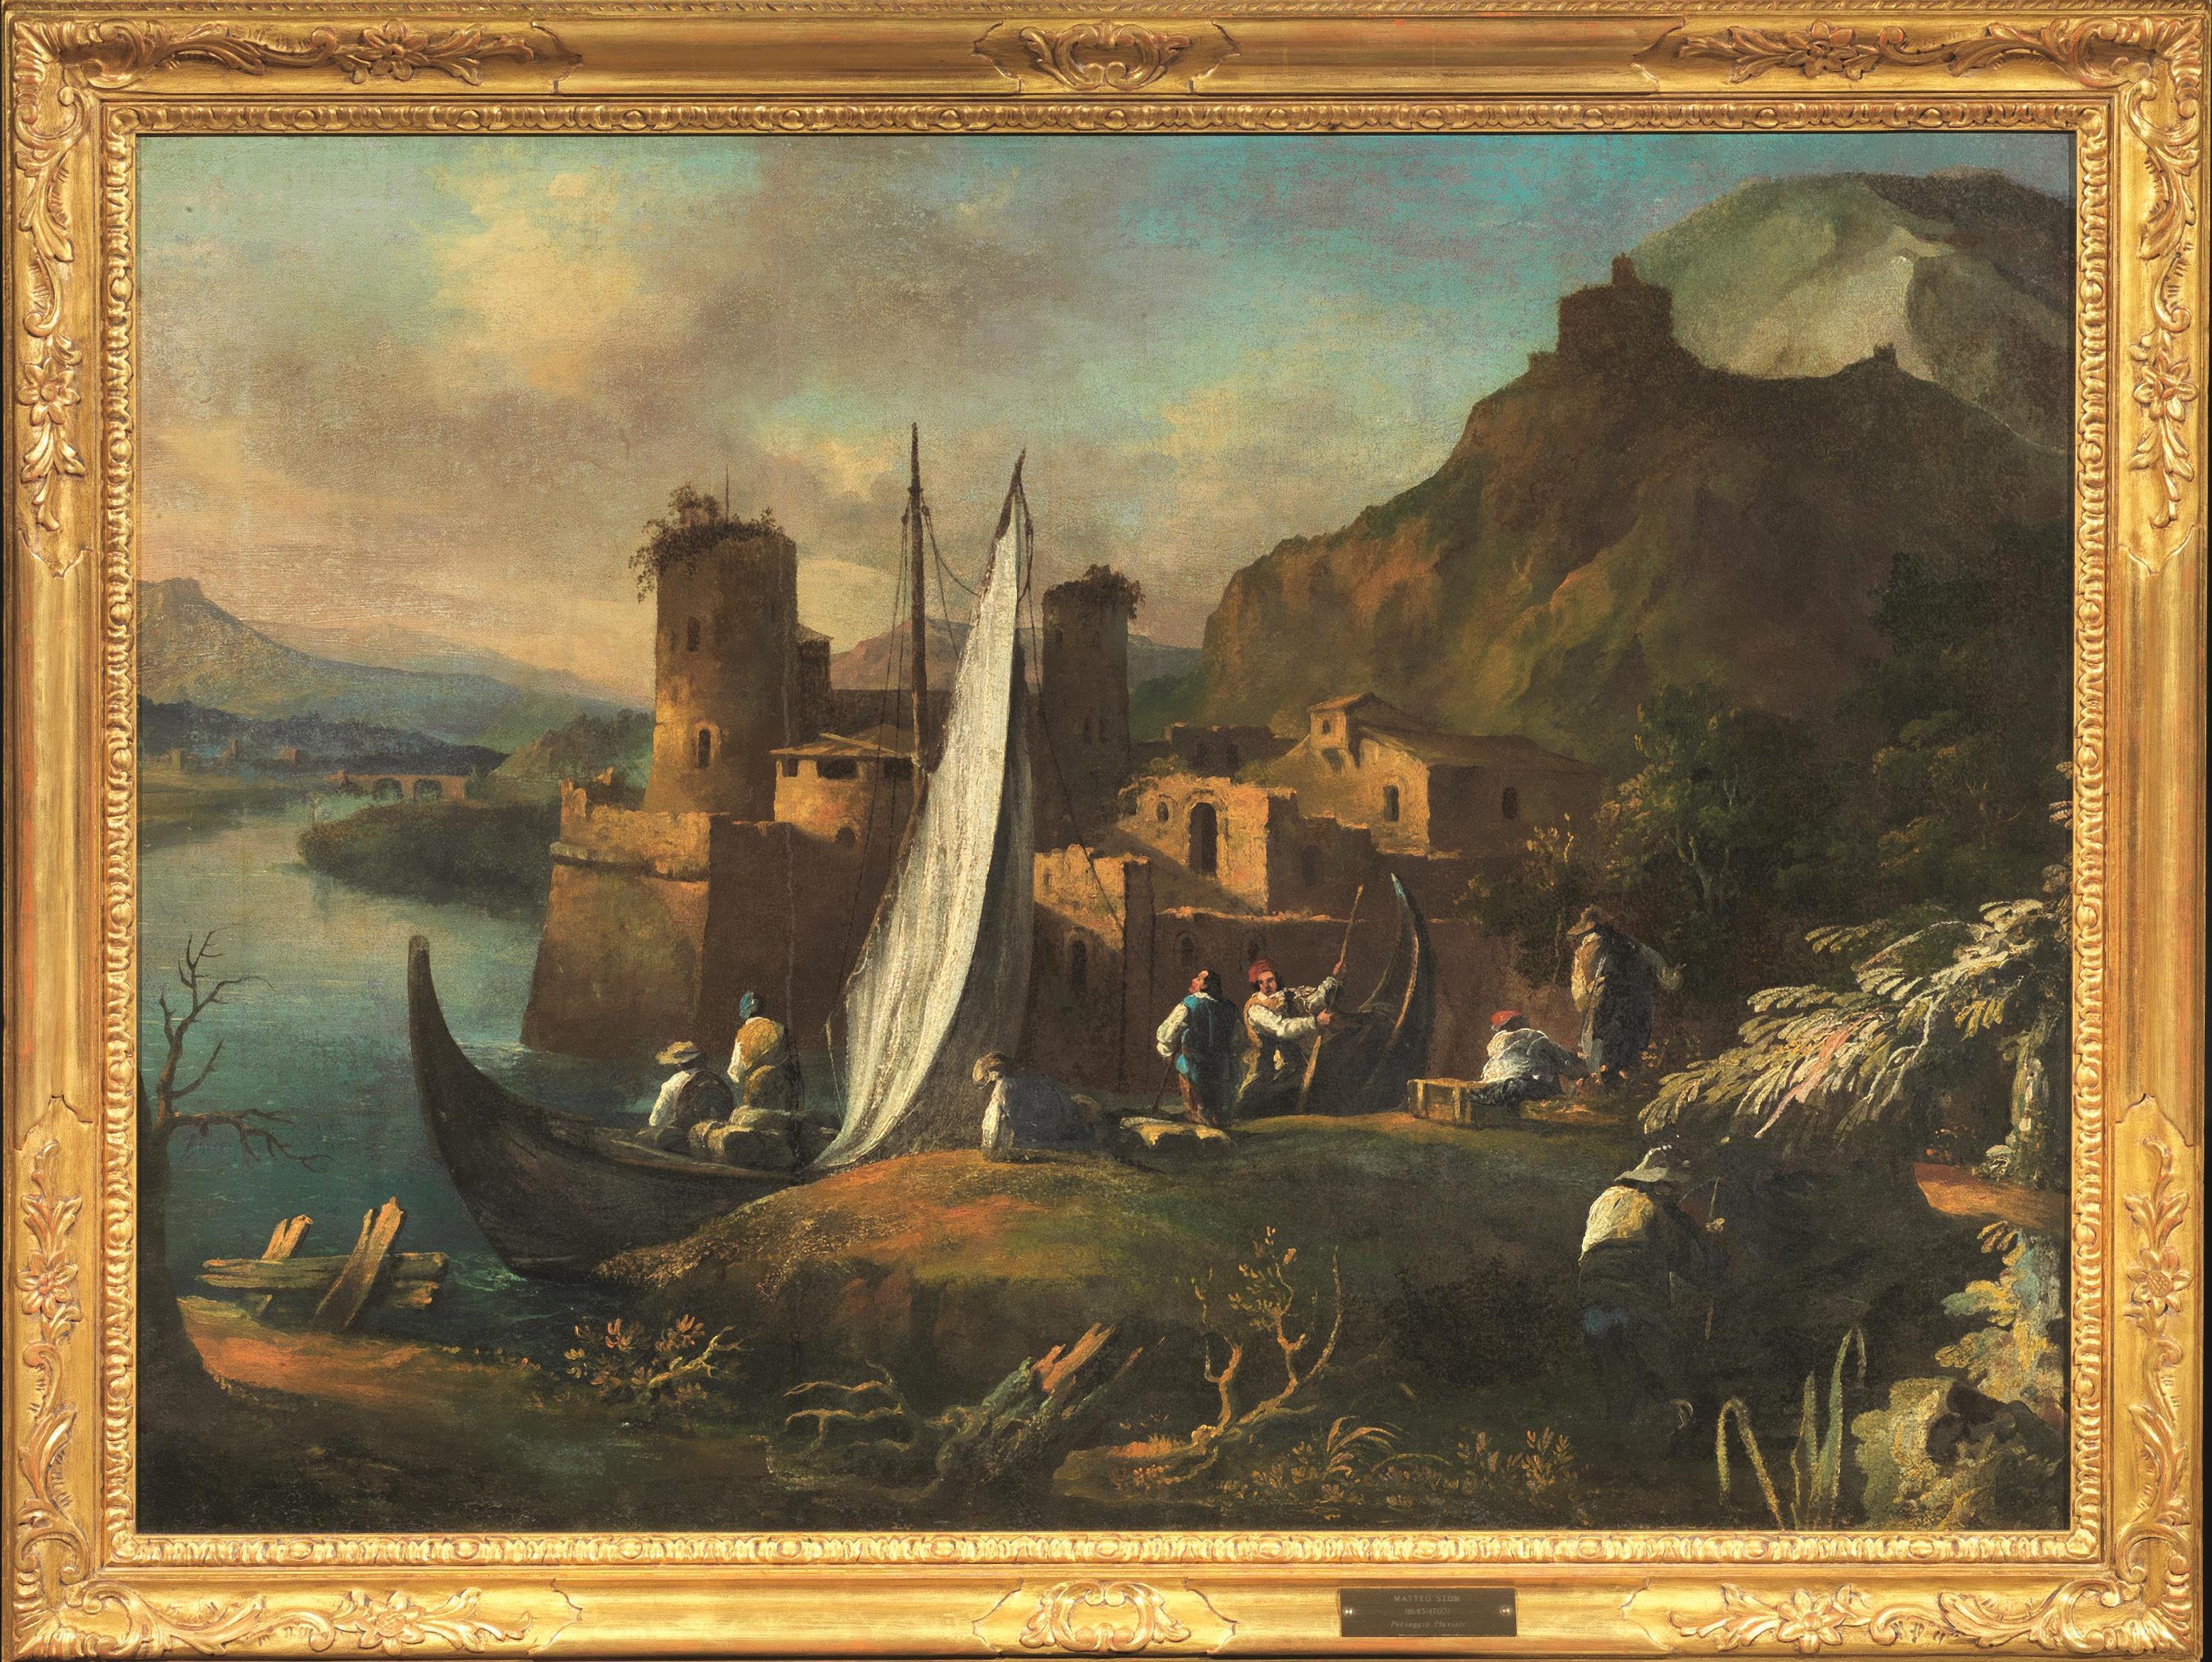 Aste dal 7 al 13 aprile: Dipinti del XVIII secolo, antiquariato e gioielli